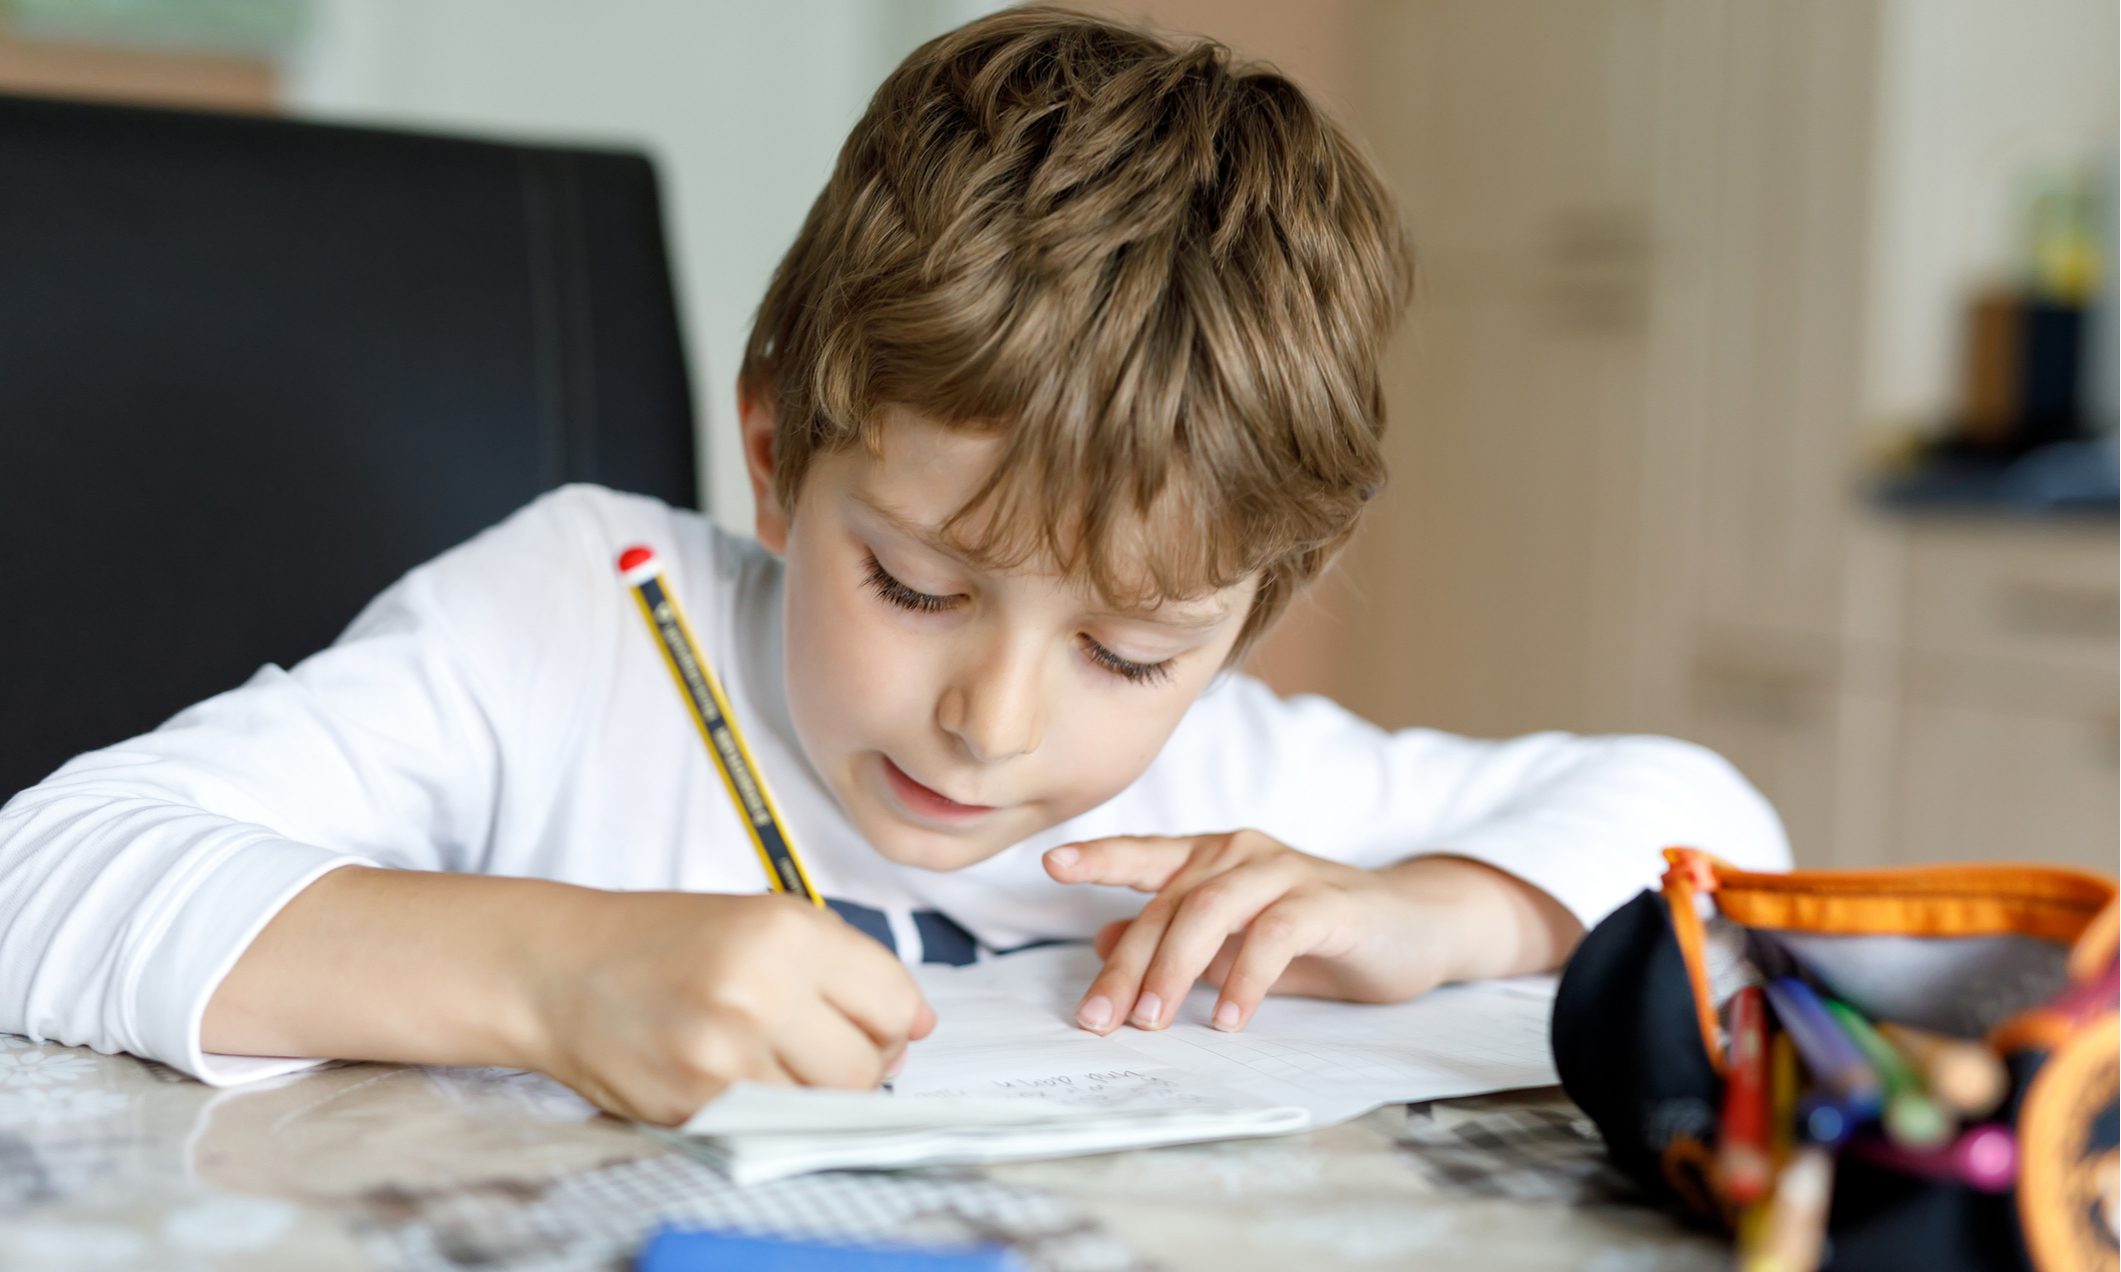 Домашнее обучение: кому оно подойдет, а кому— навредит